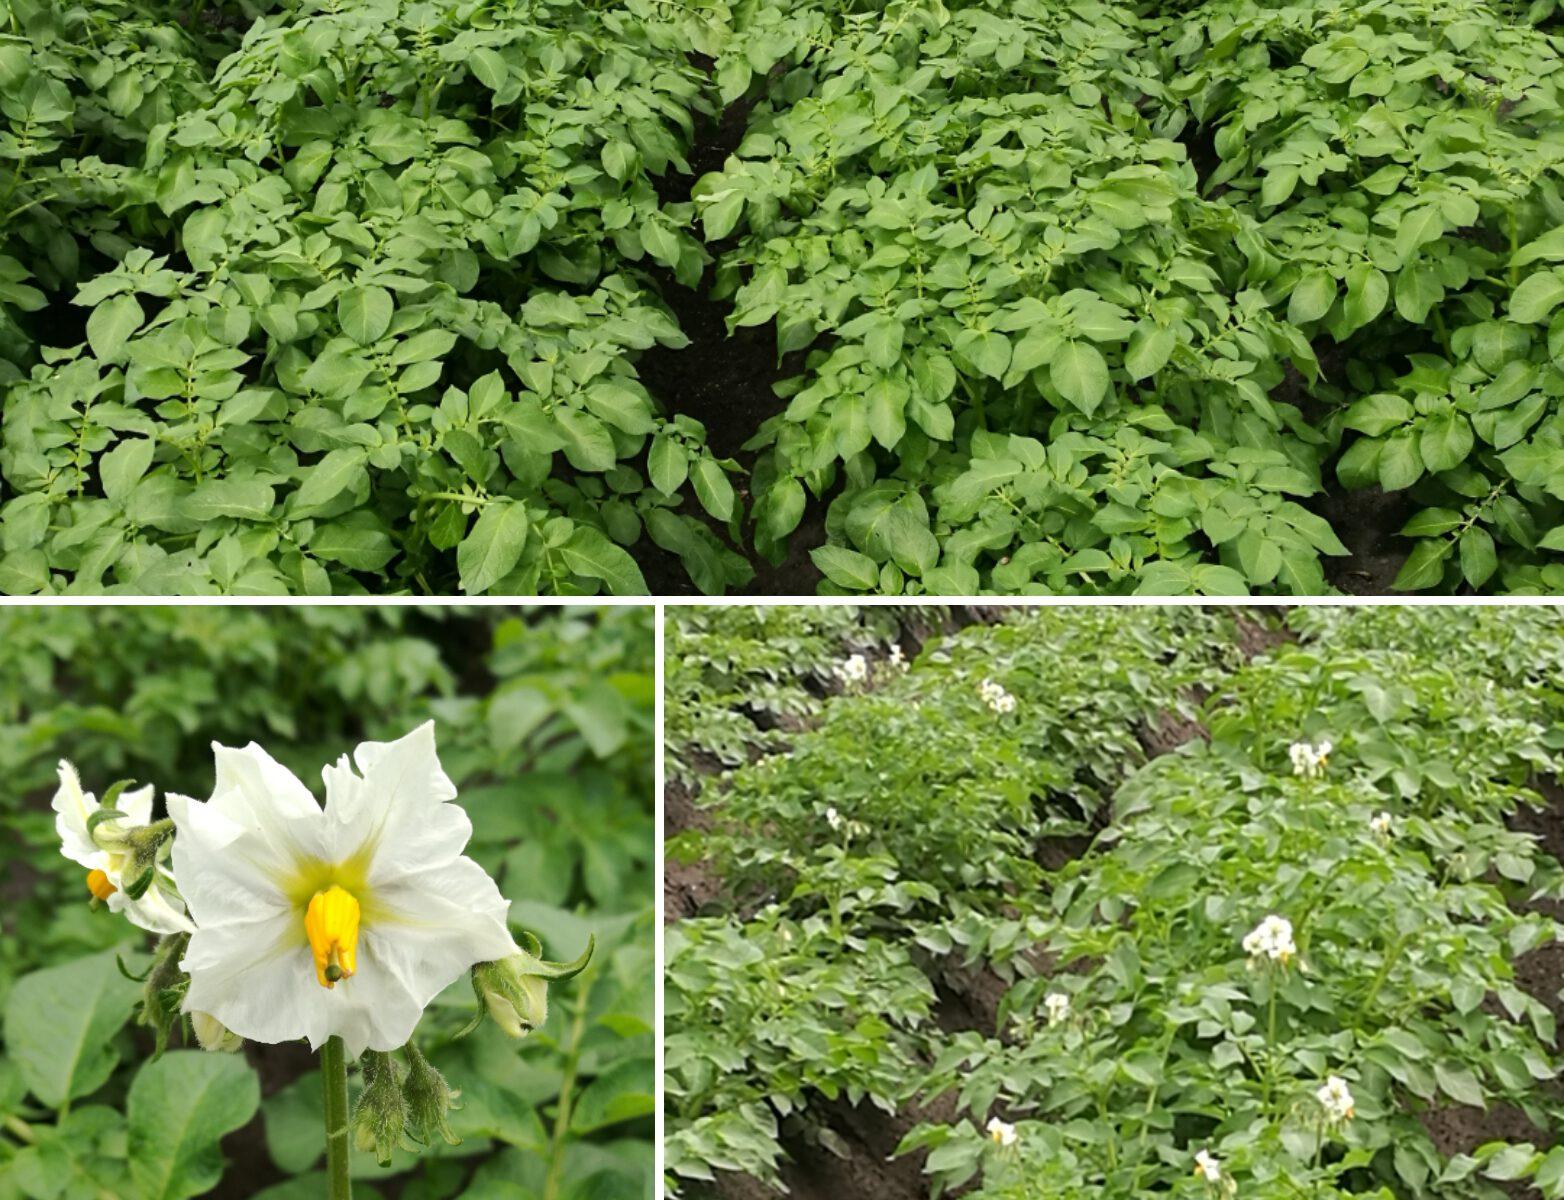 Kartoffelpflanzen mit und ohne Blüten.